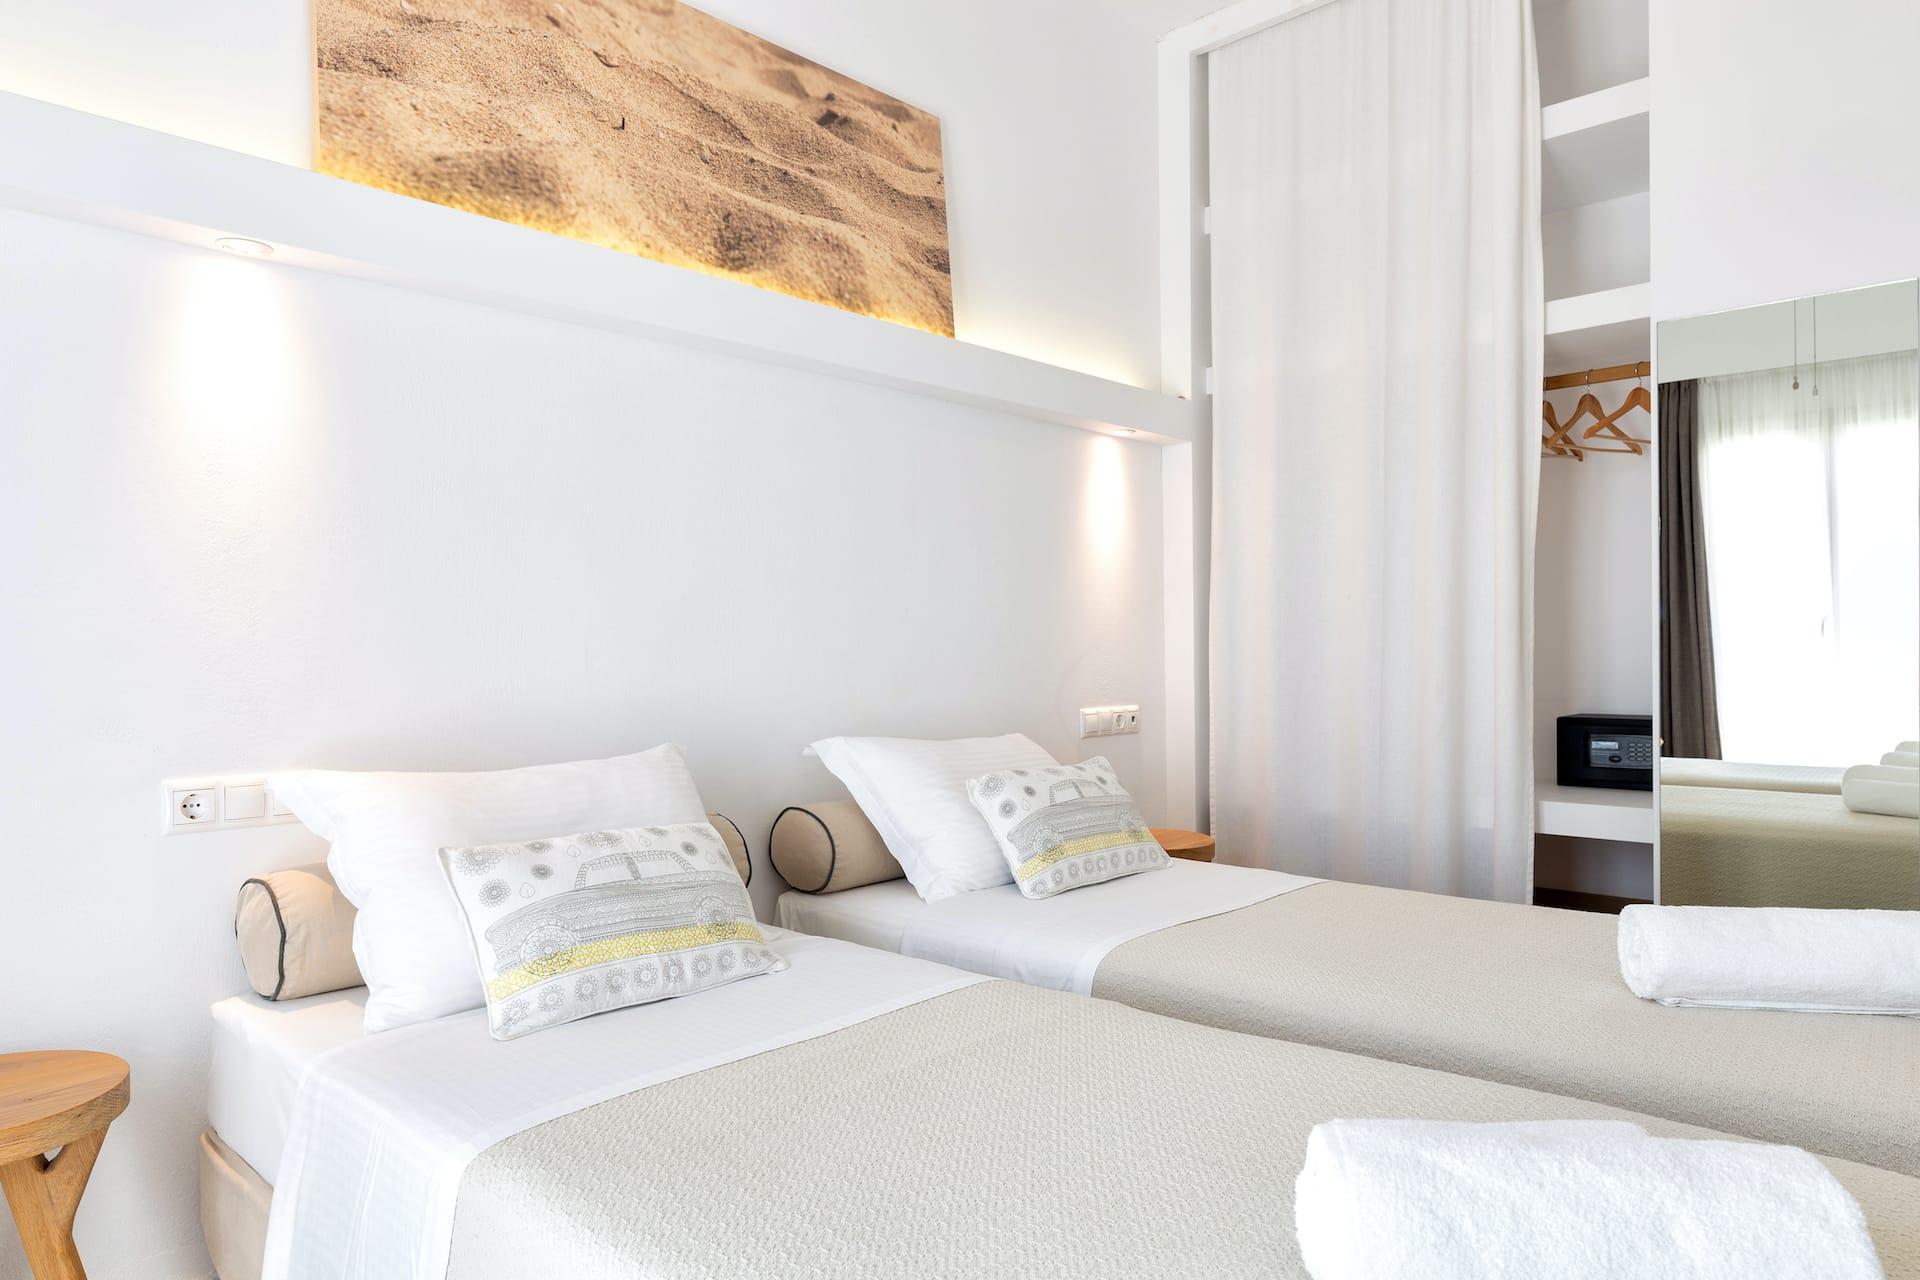 Godlend Beach Hotel Private yard apartment in Paros